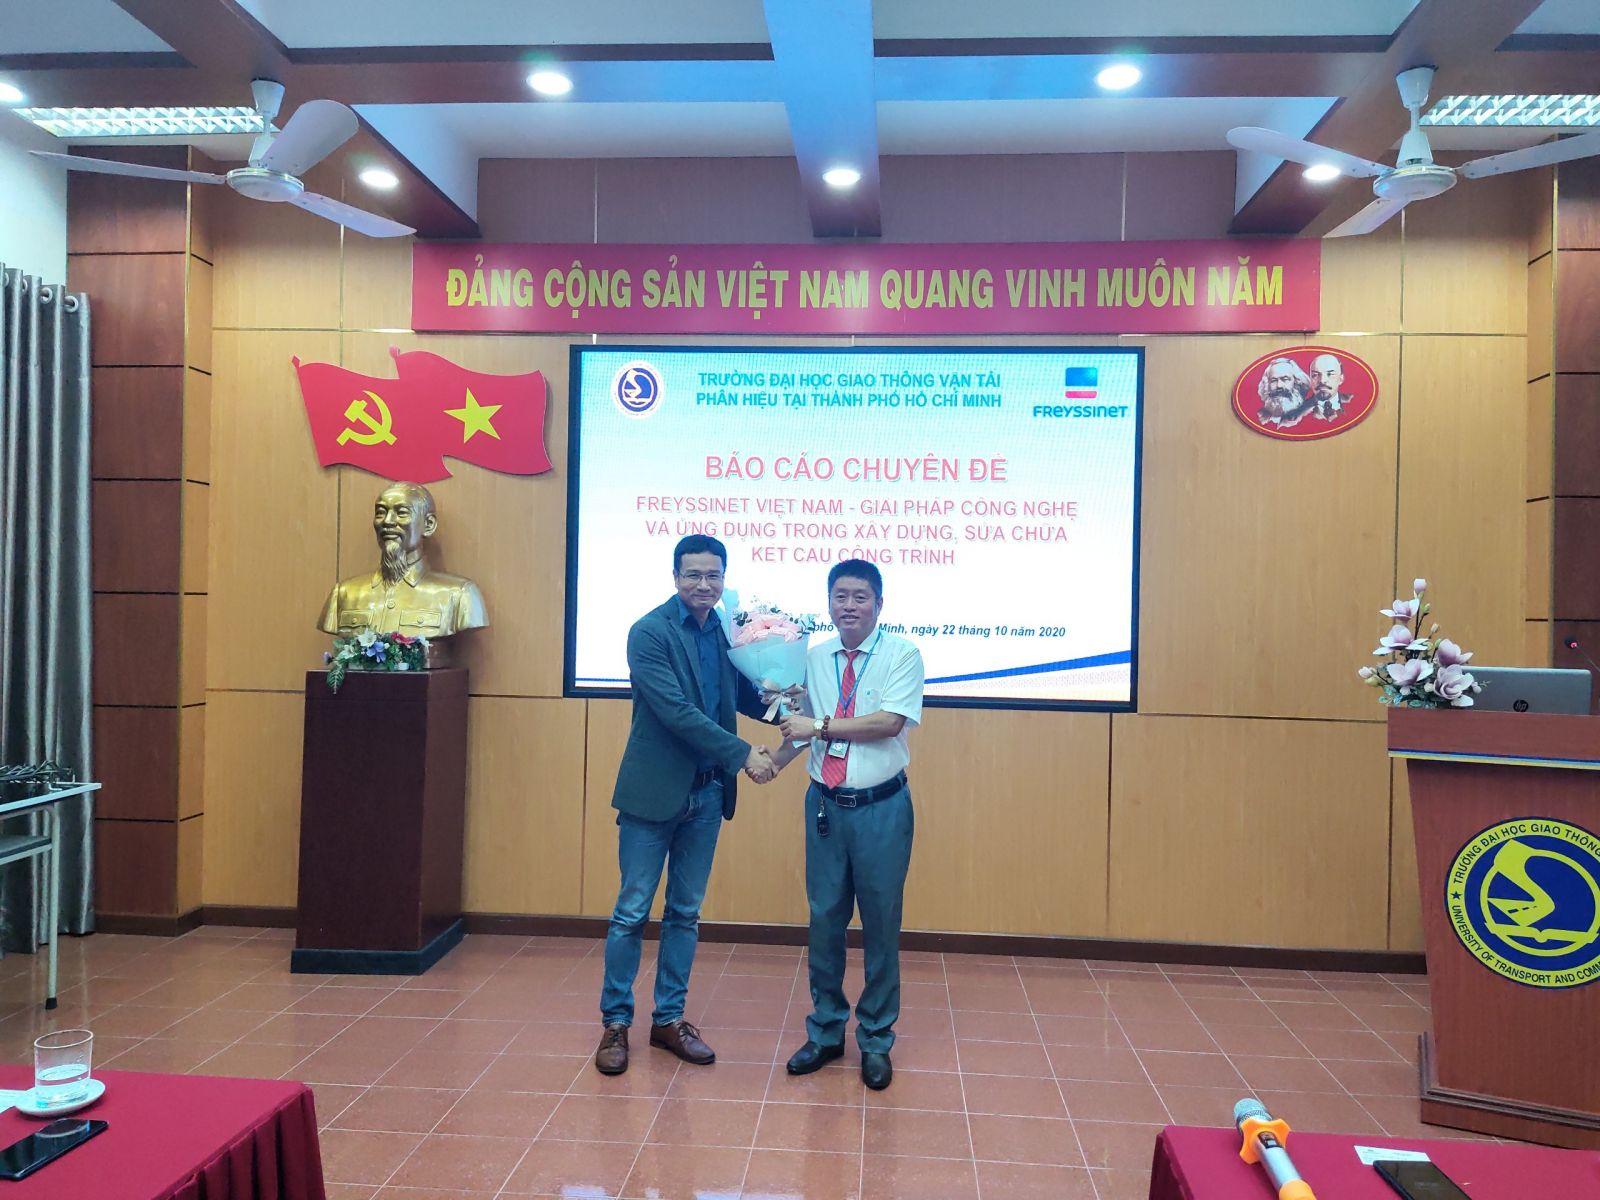 Thầy PGS.TS Lê Văn Bách - Trưởng Khoa Công trình trao hoa cảm ơnÔng Lê Đông Hoa – Phó Giám đốcCông tyFreyssinet Việt Nam